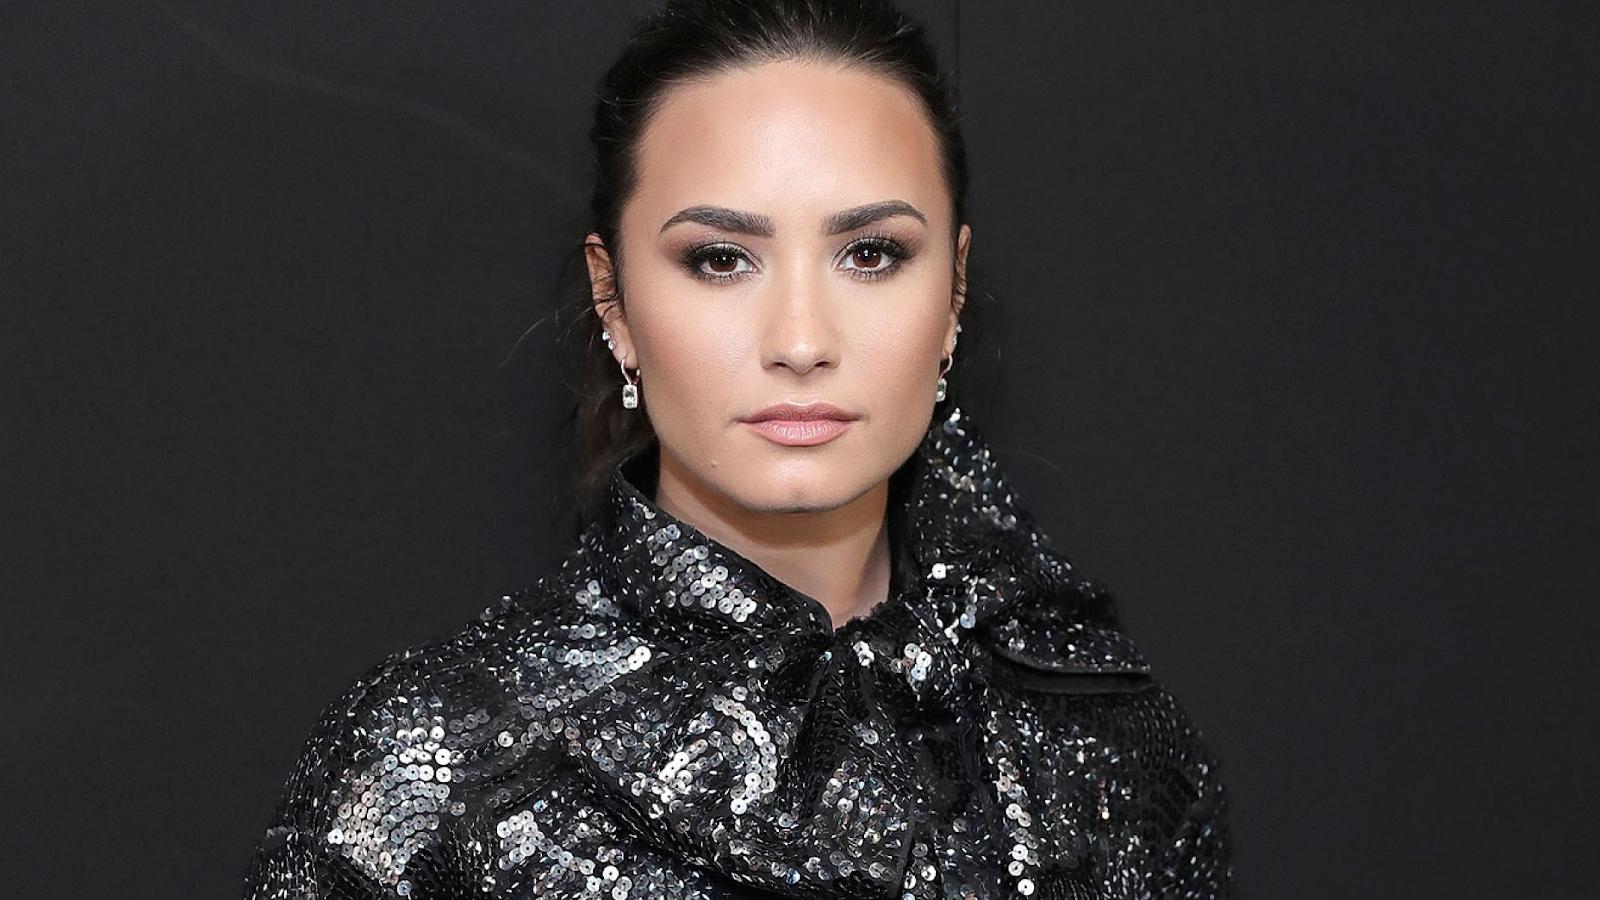 Por meio de suas redes sociais, Demi Lovato já teria dividido seu azar com Selena Gomez, Britney Spears, Iggy Azalea e até Katy Perry.